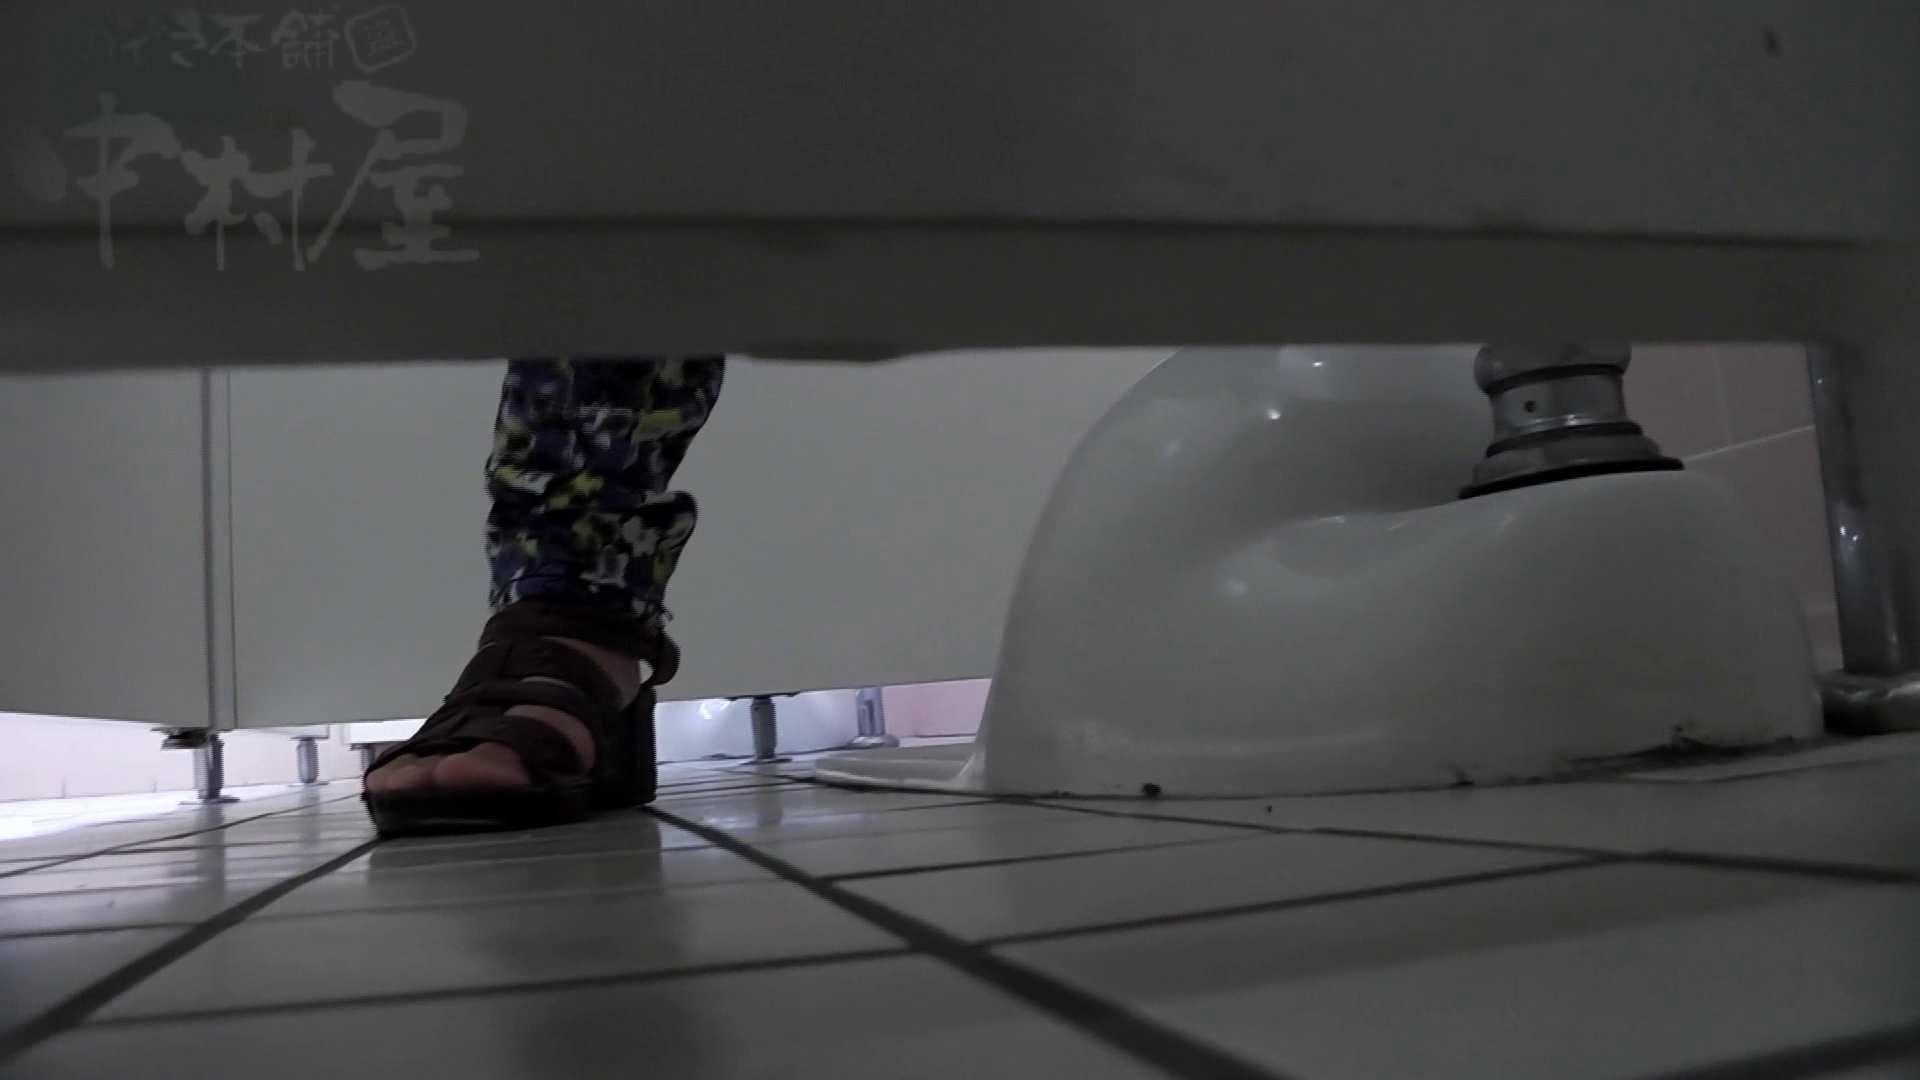 アダルトエロ動画 美しい日本の未来 No.22 未来進歩3 感動レベル予告のモデルつい登場か!! のぞき本舗 中村屋